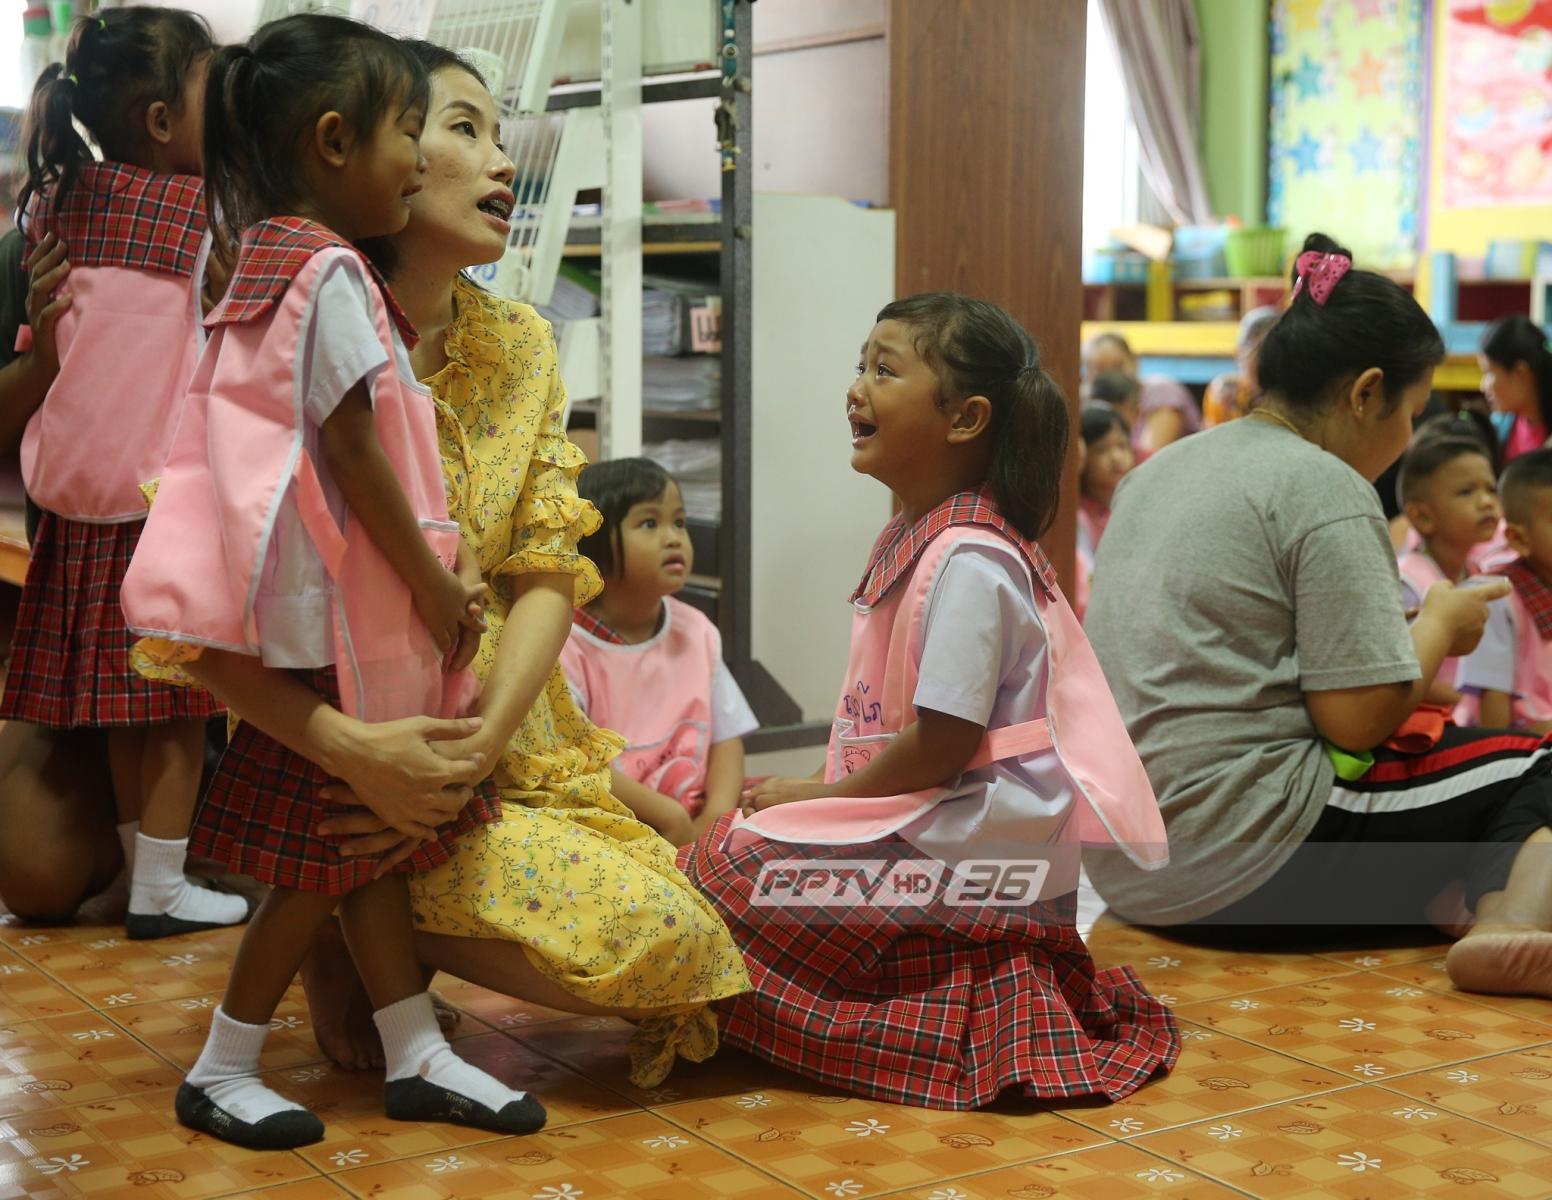 วิธีรับมืออาการงอแง เมื่อลูกน้อยต้องไปโรงเรียนครั้งแรก